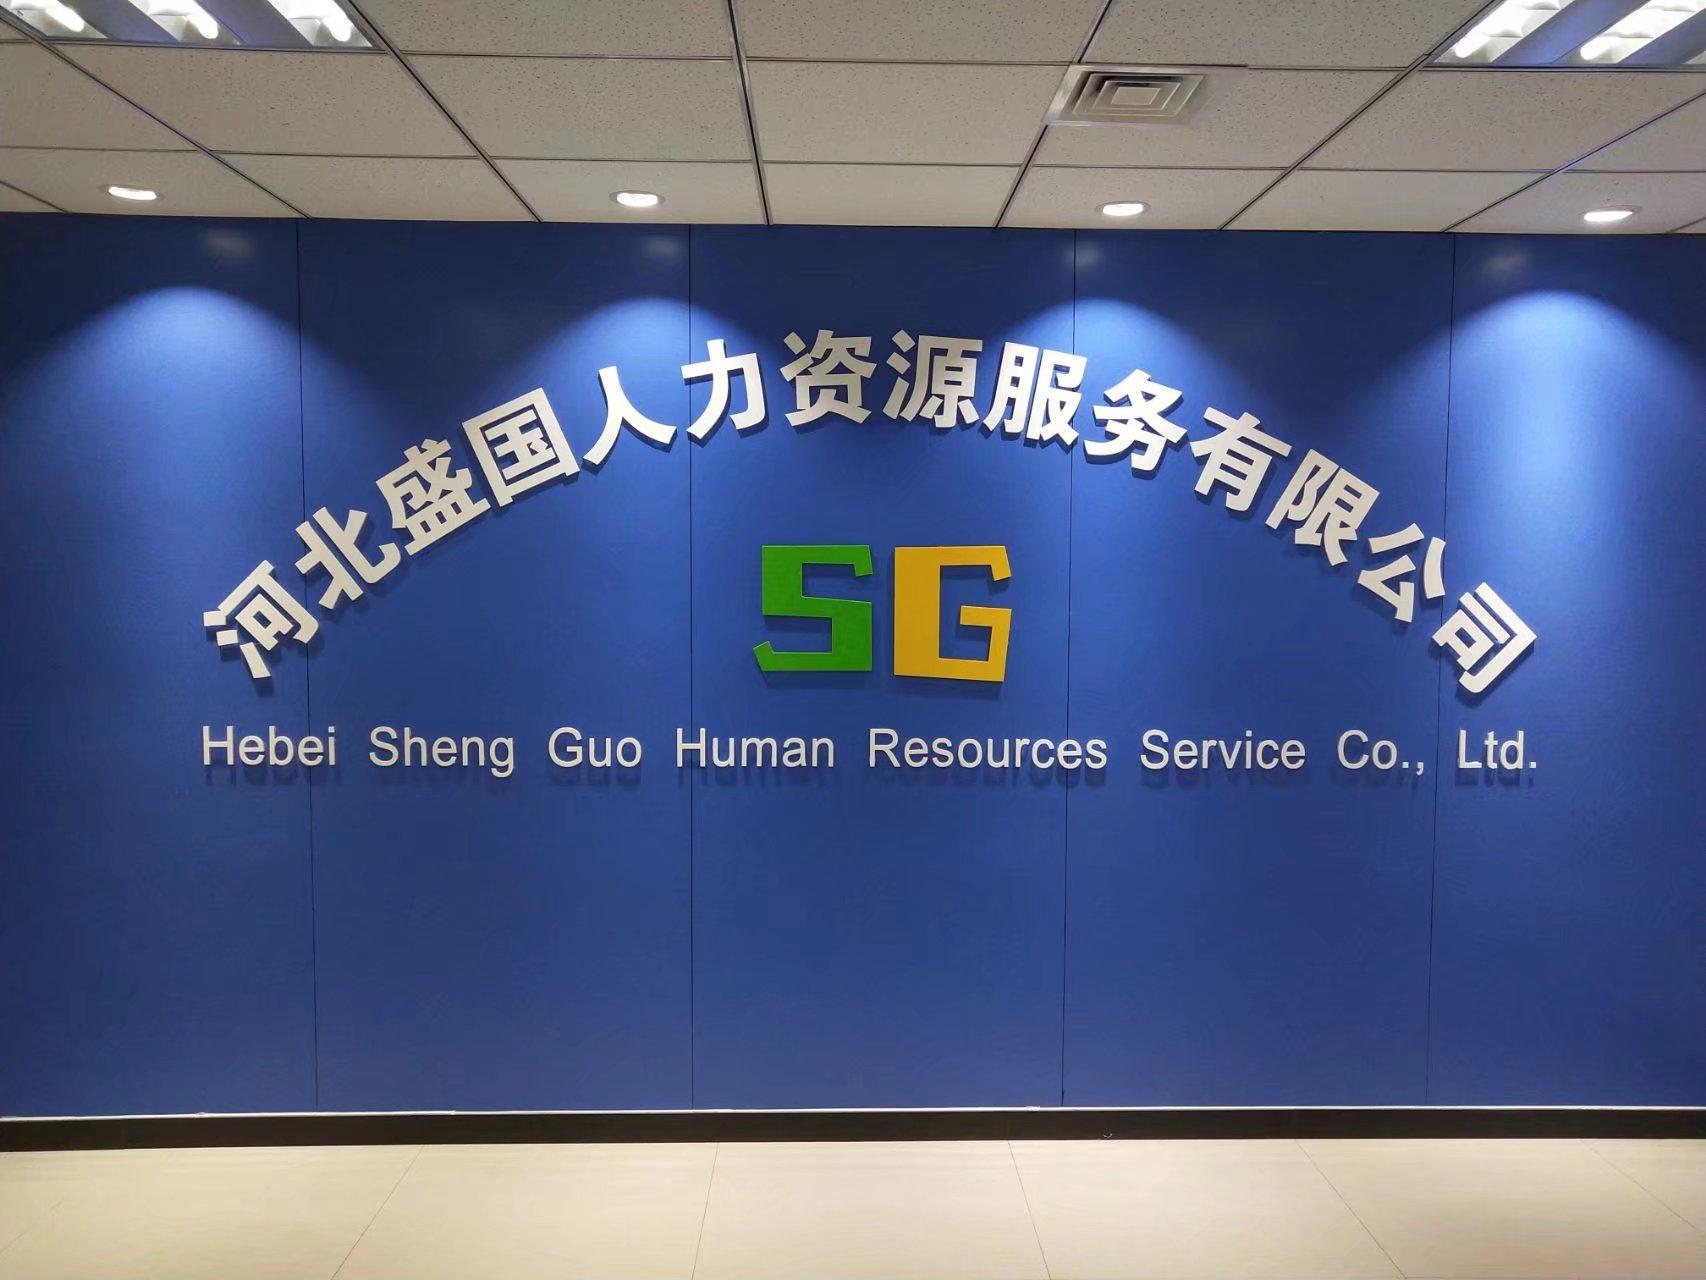 河北盛国人力资源服务有限公司logo